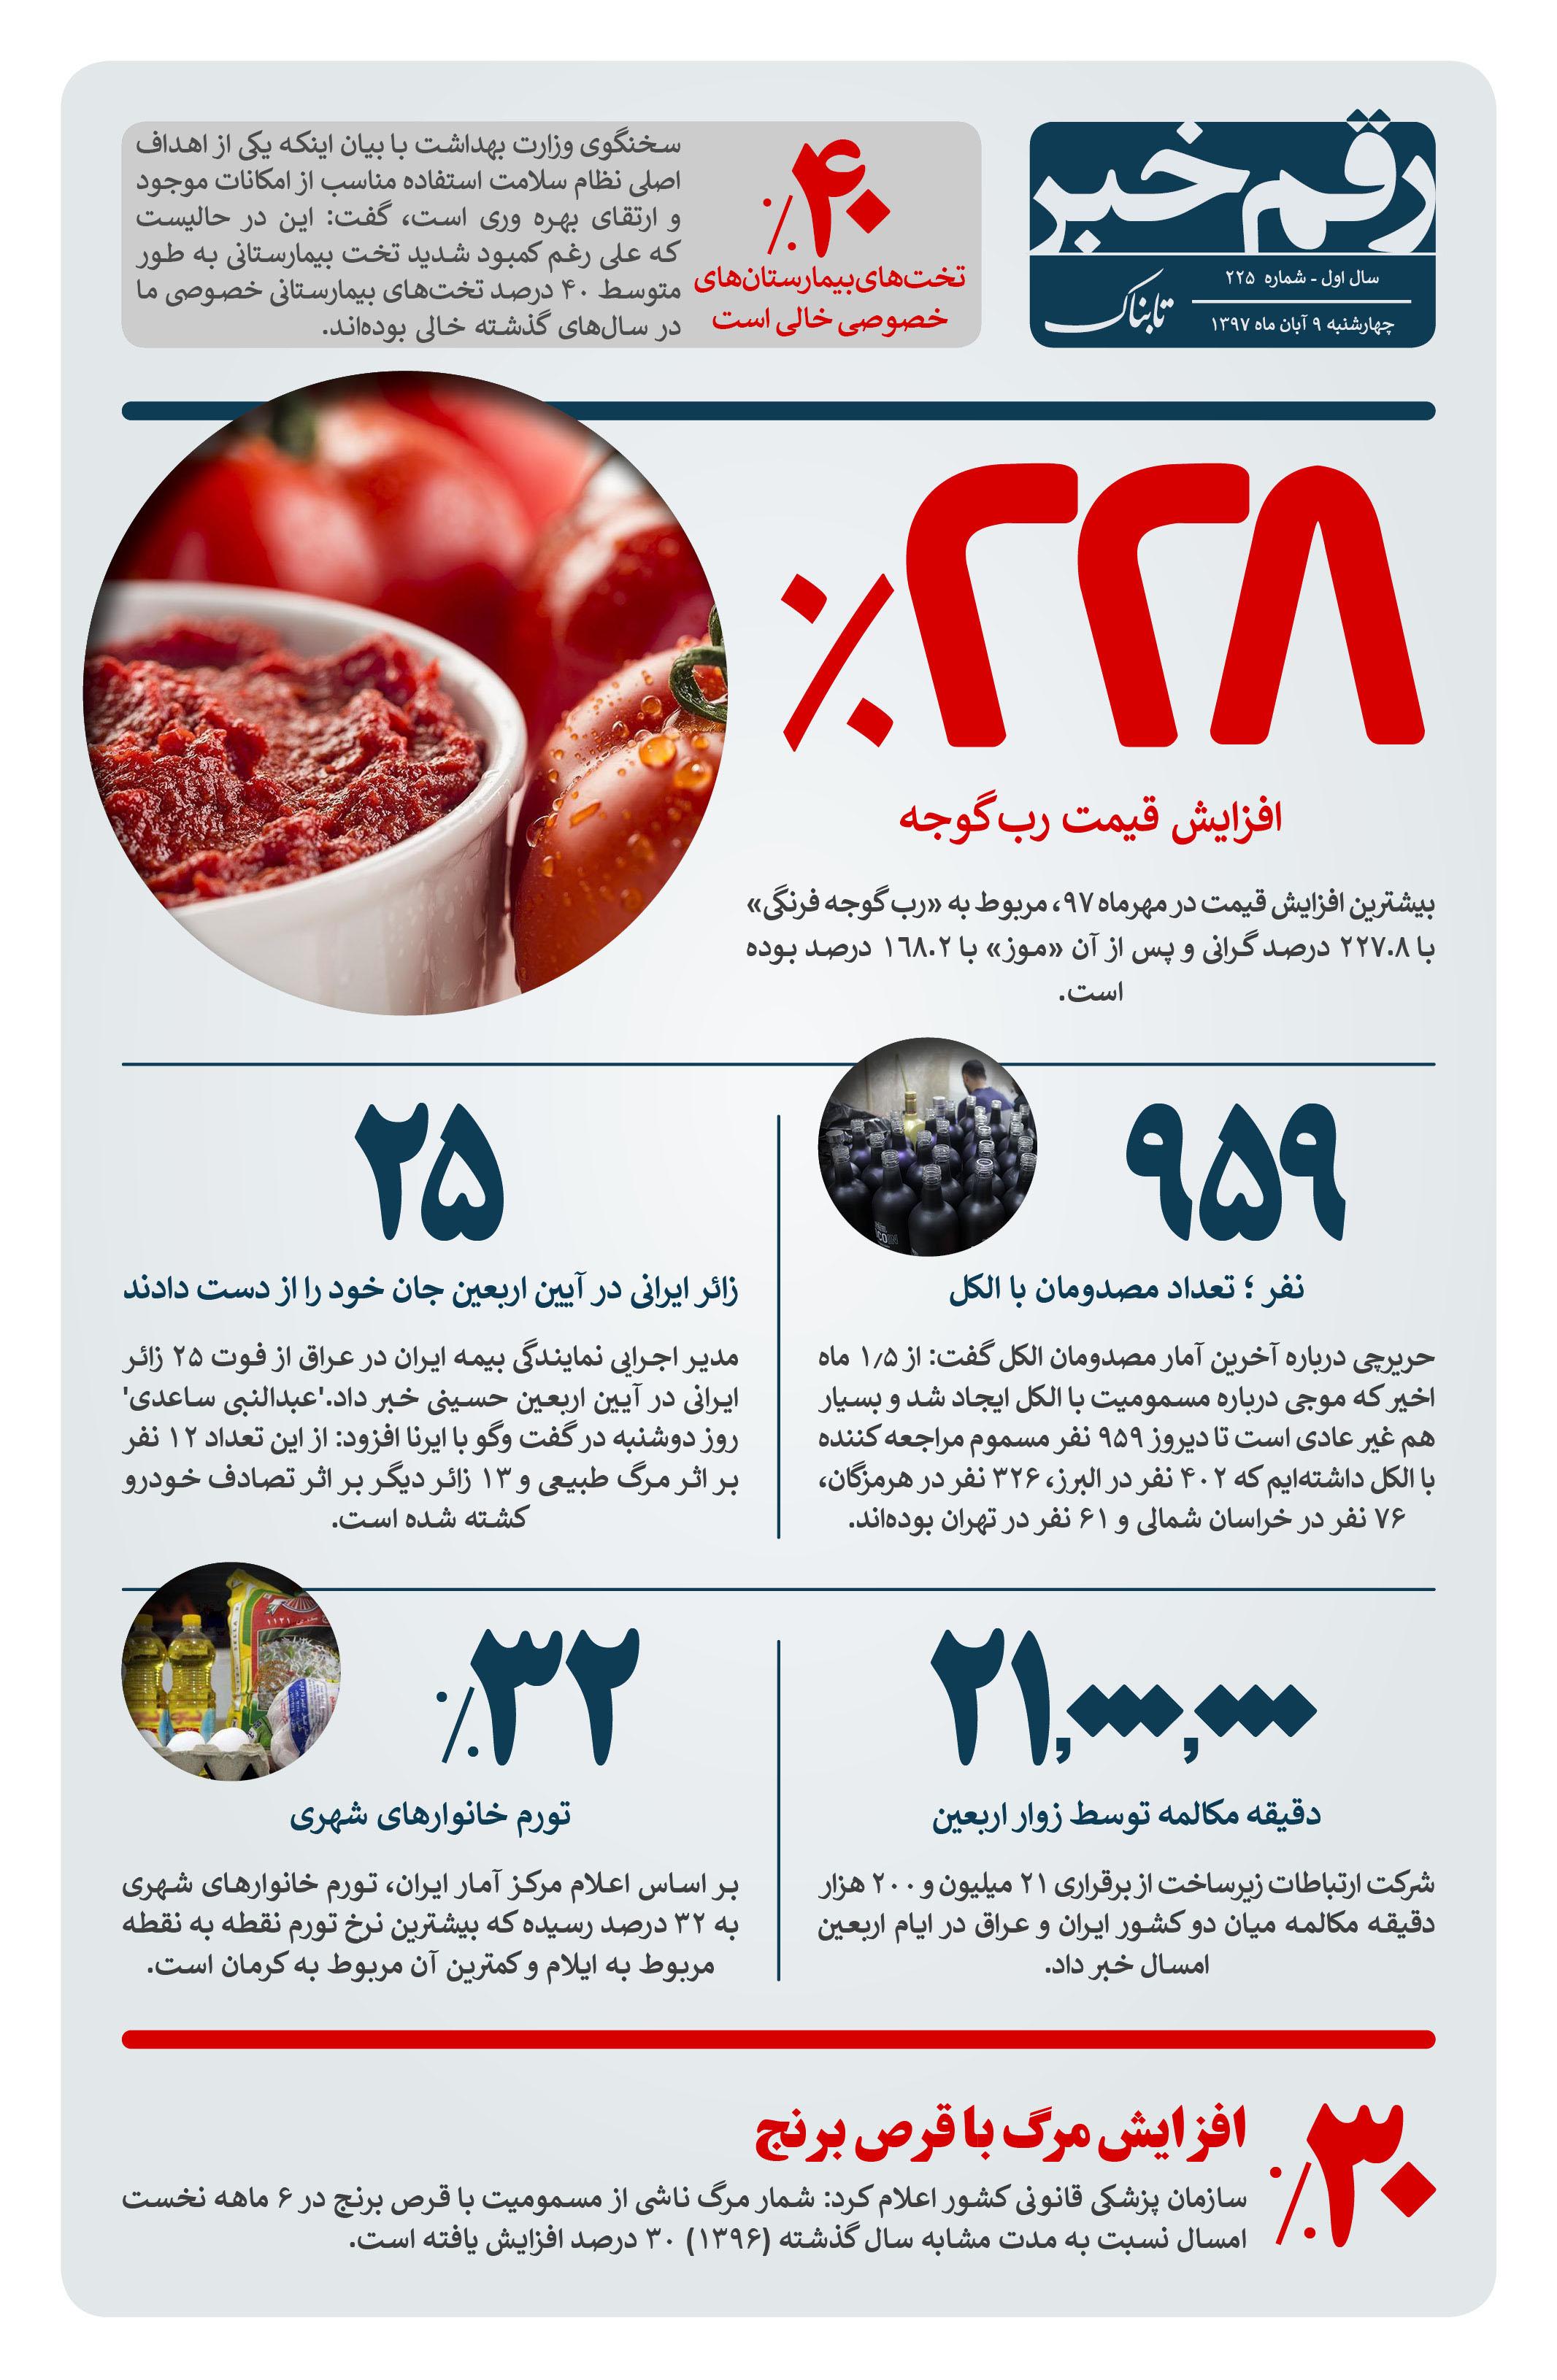 رقم خبر: 228% افزایش قیمت رب گوجه فرنگی